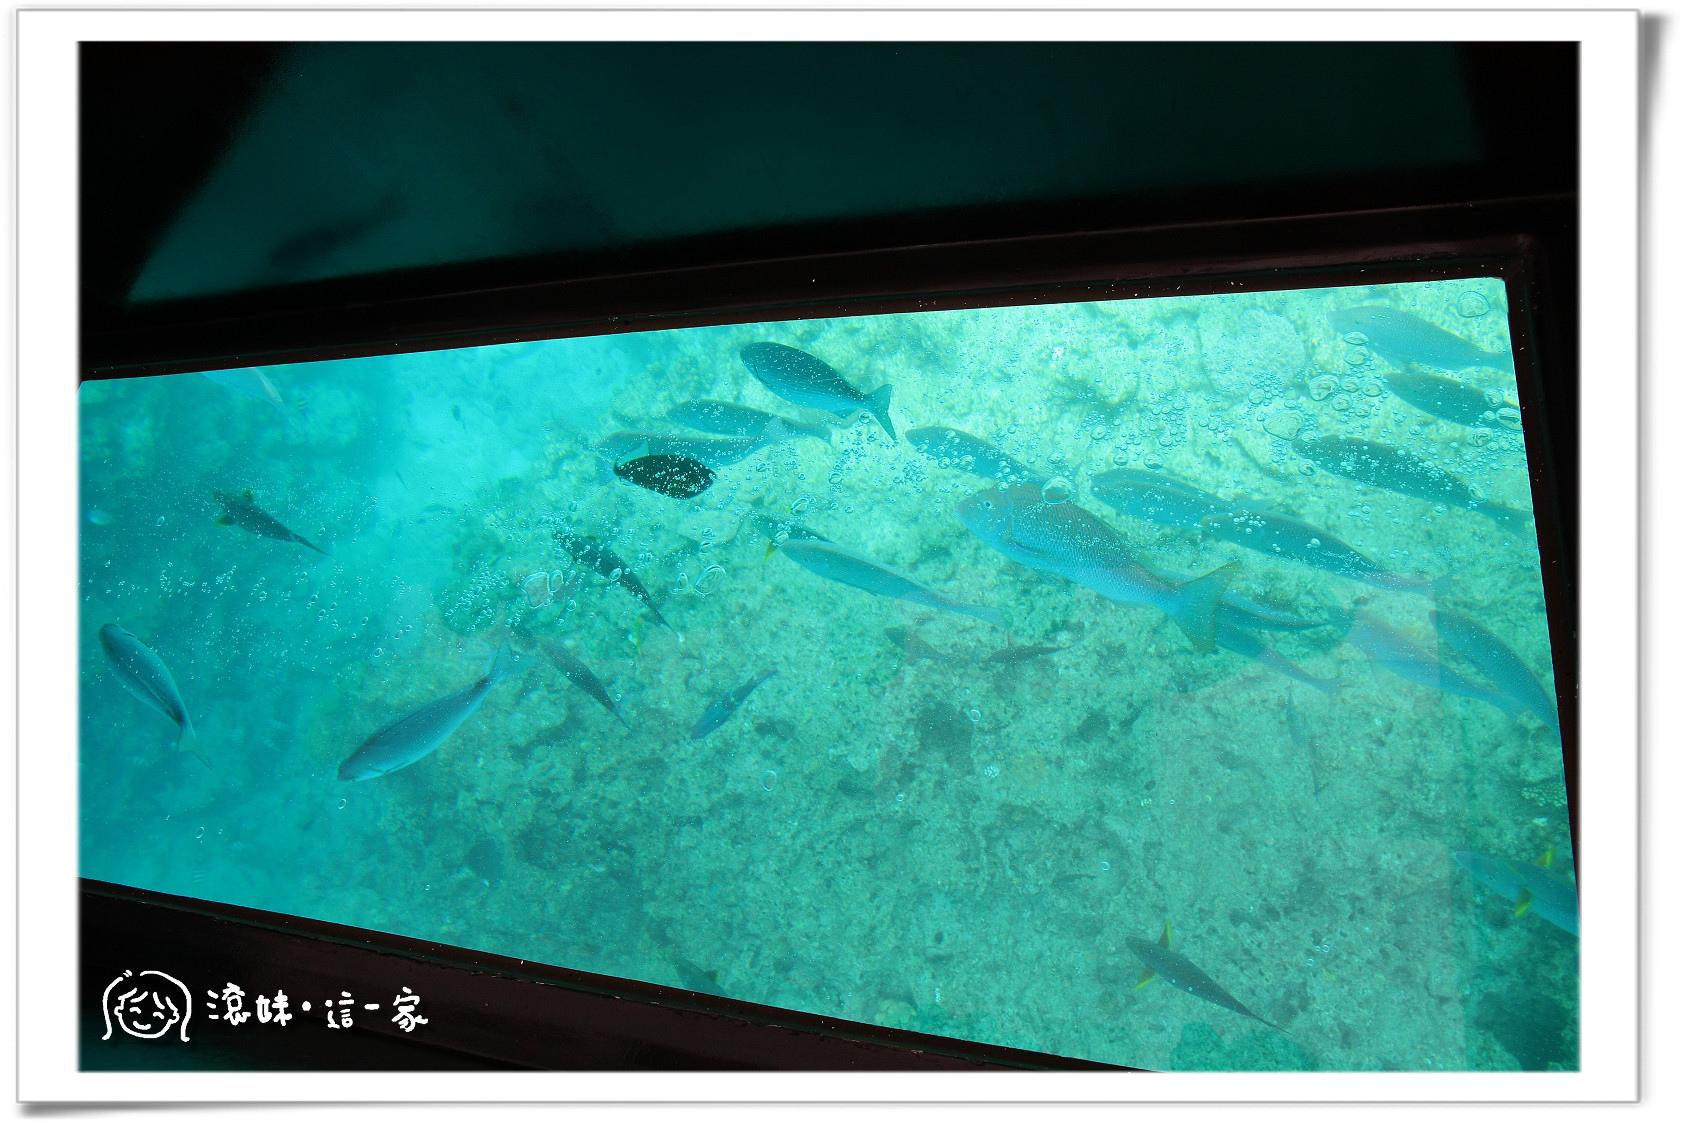 玻璃船004.jpg